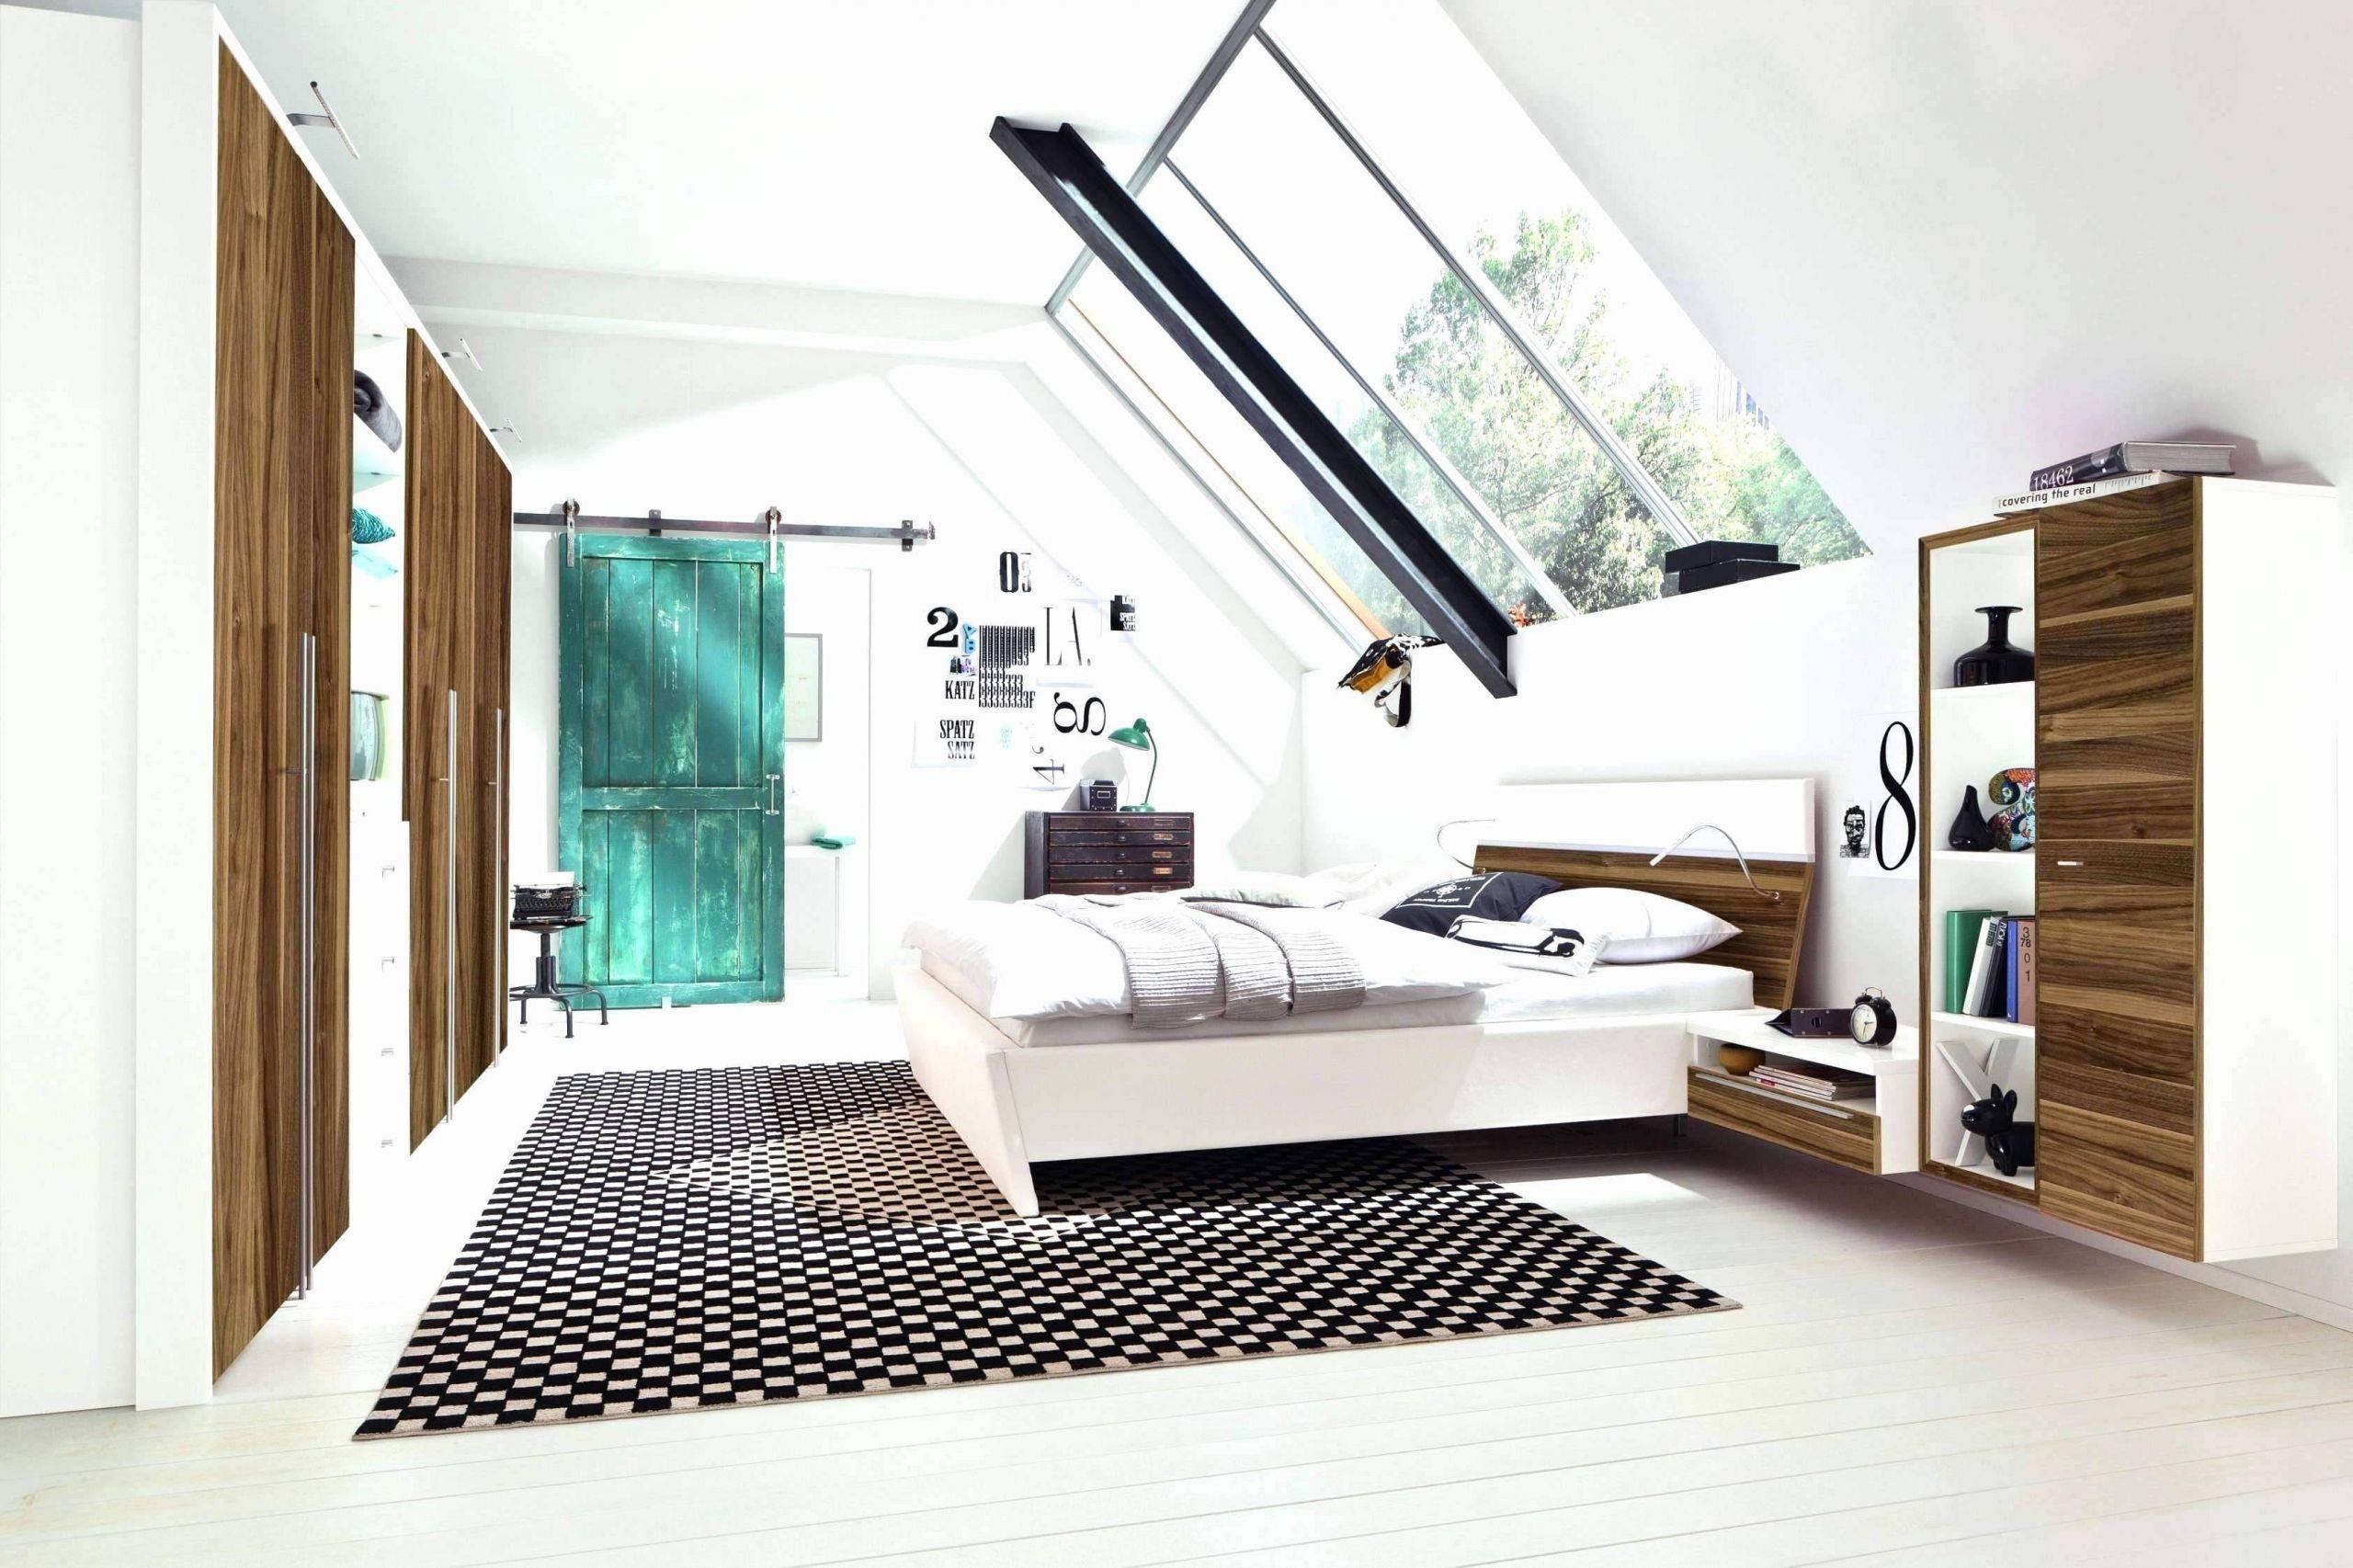 deko wurzel wohnzimmer inspirierend deko wurzel wohnzimmer elegant schlafzimmer regal deko of deko wurzel wohnzimmer scaled